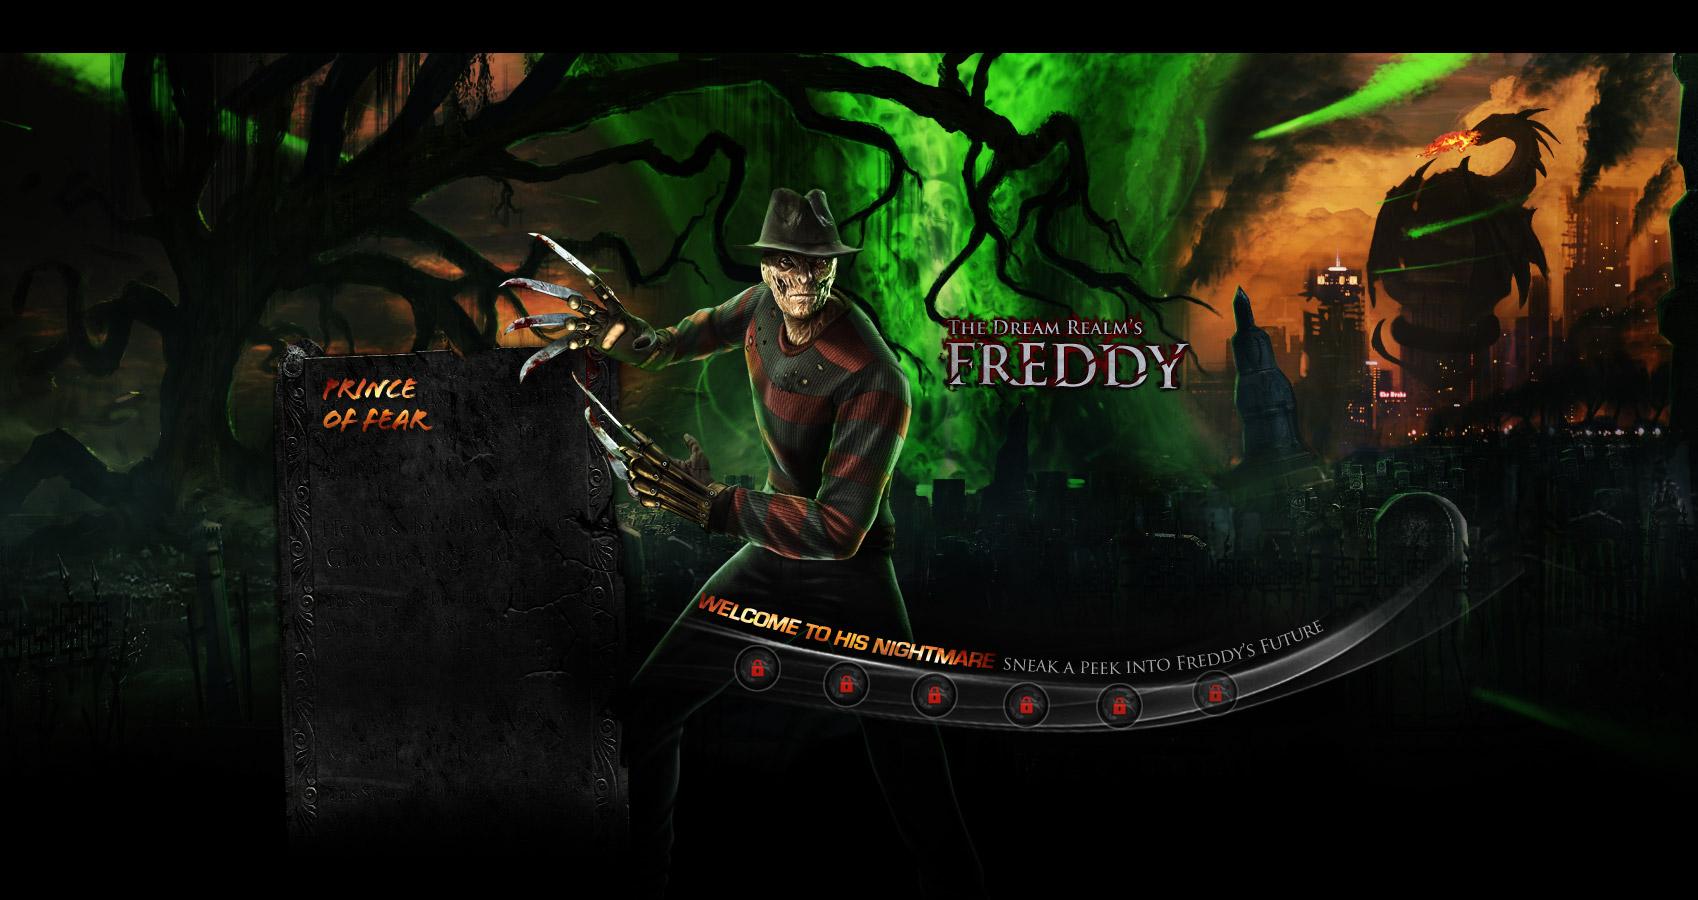 Freddy Kruegers Biography And Render